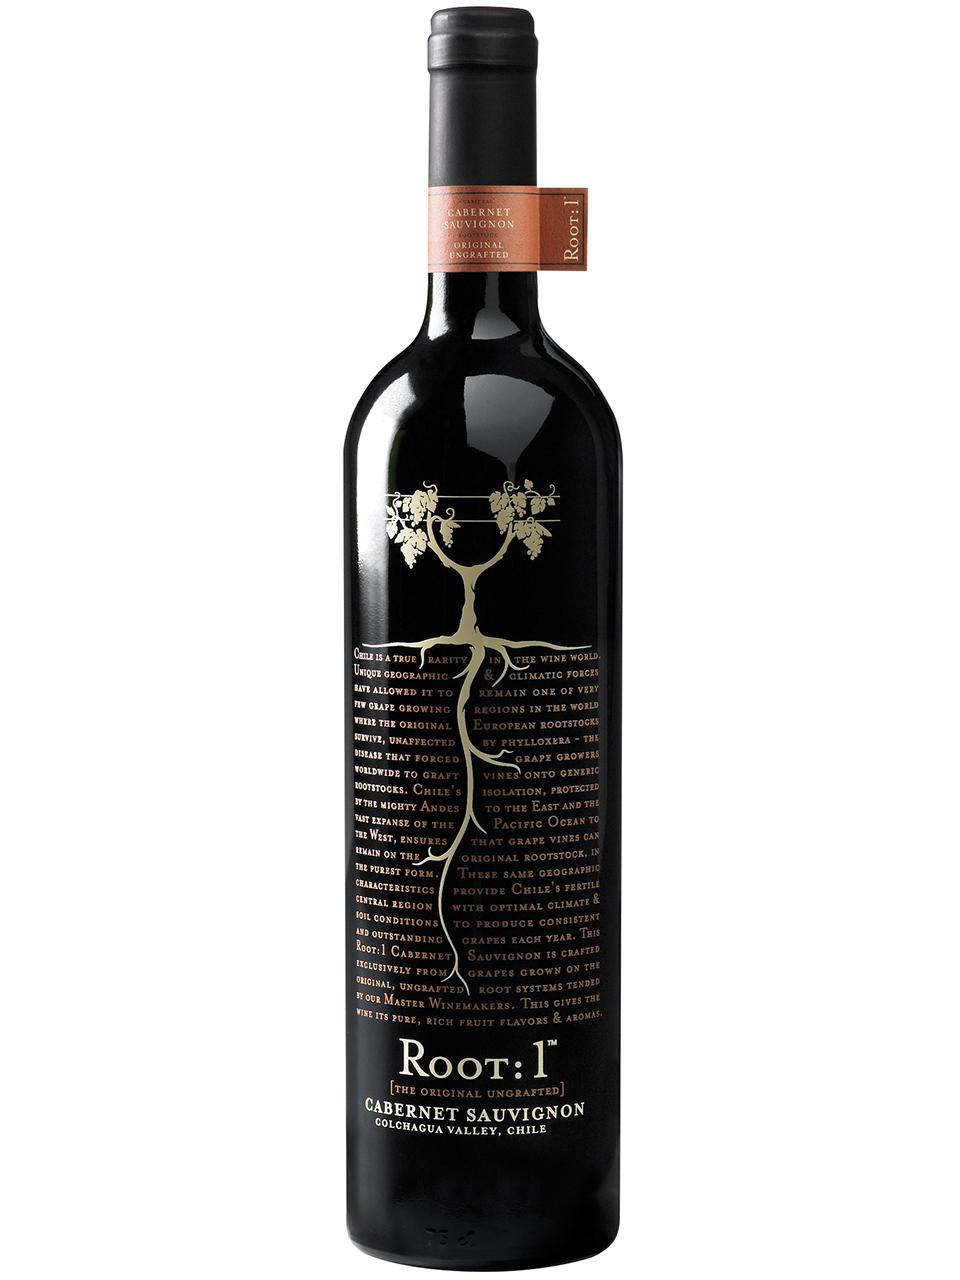 Root 1 Original Ungrafted Cabernet Sauvignon